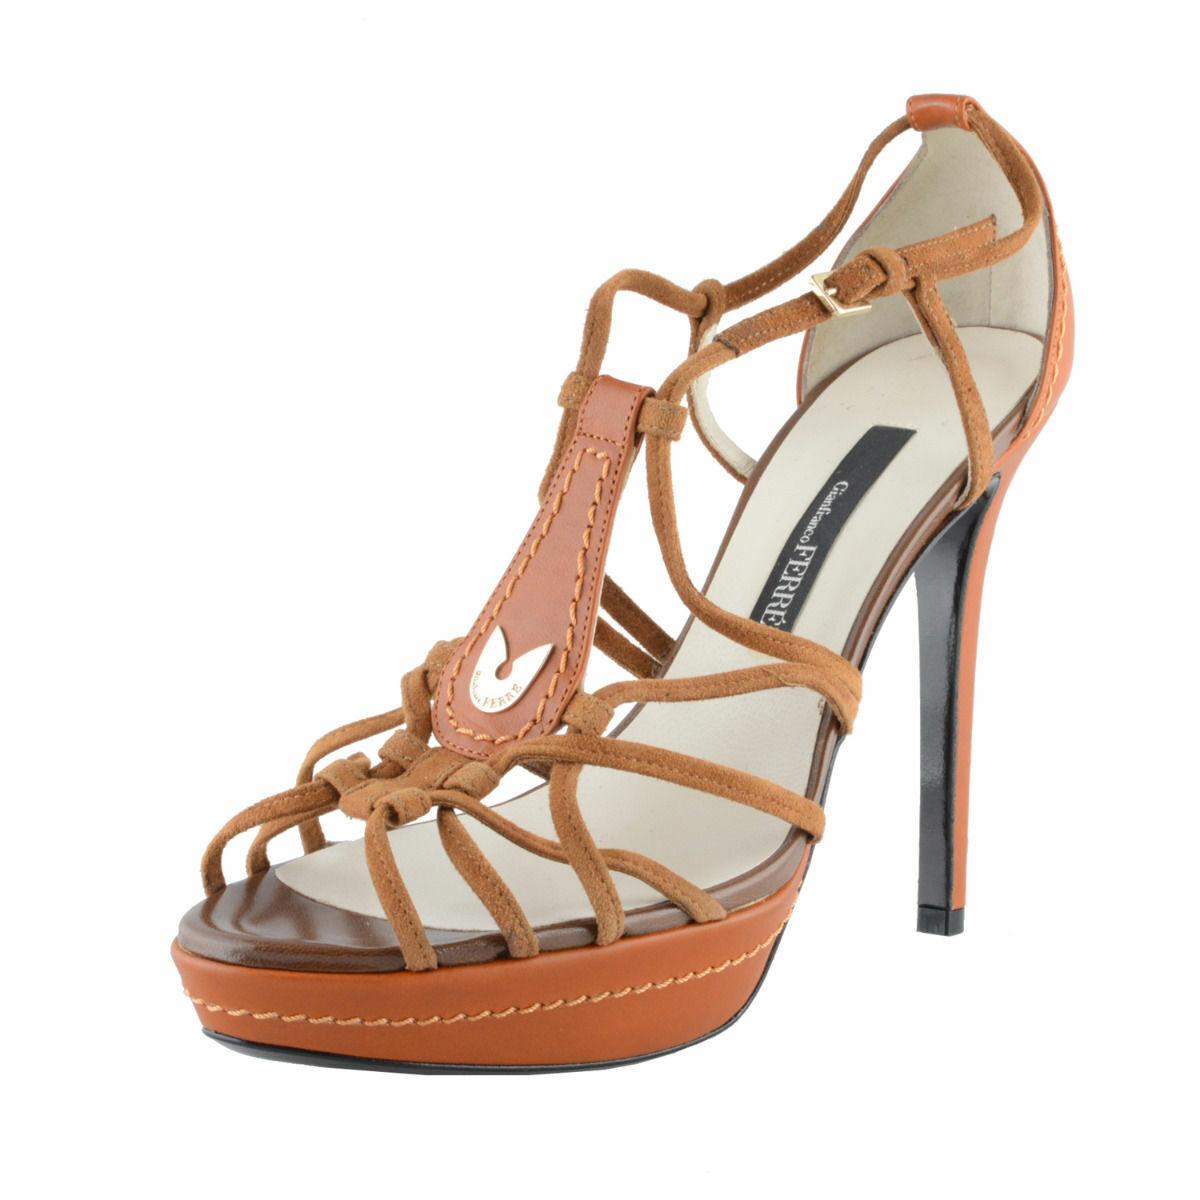 Gianfranco Ferre Women's Leather High Heel Open Toe Pumps shoes Sz 7 8 10 11